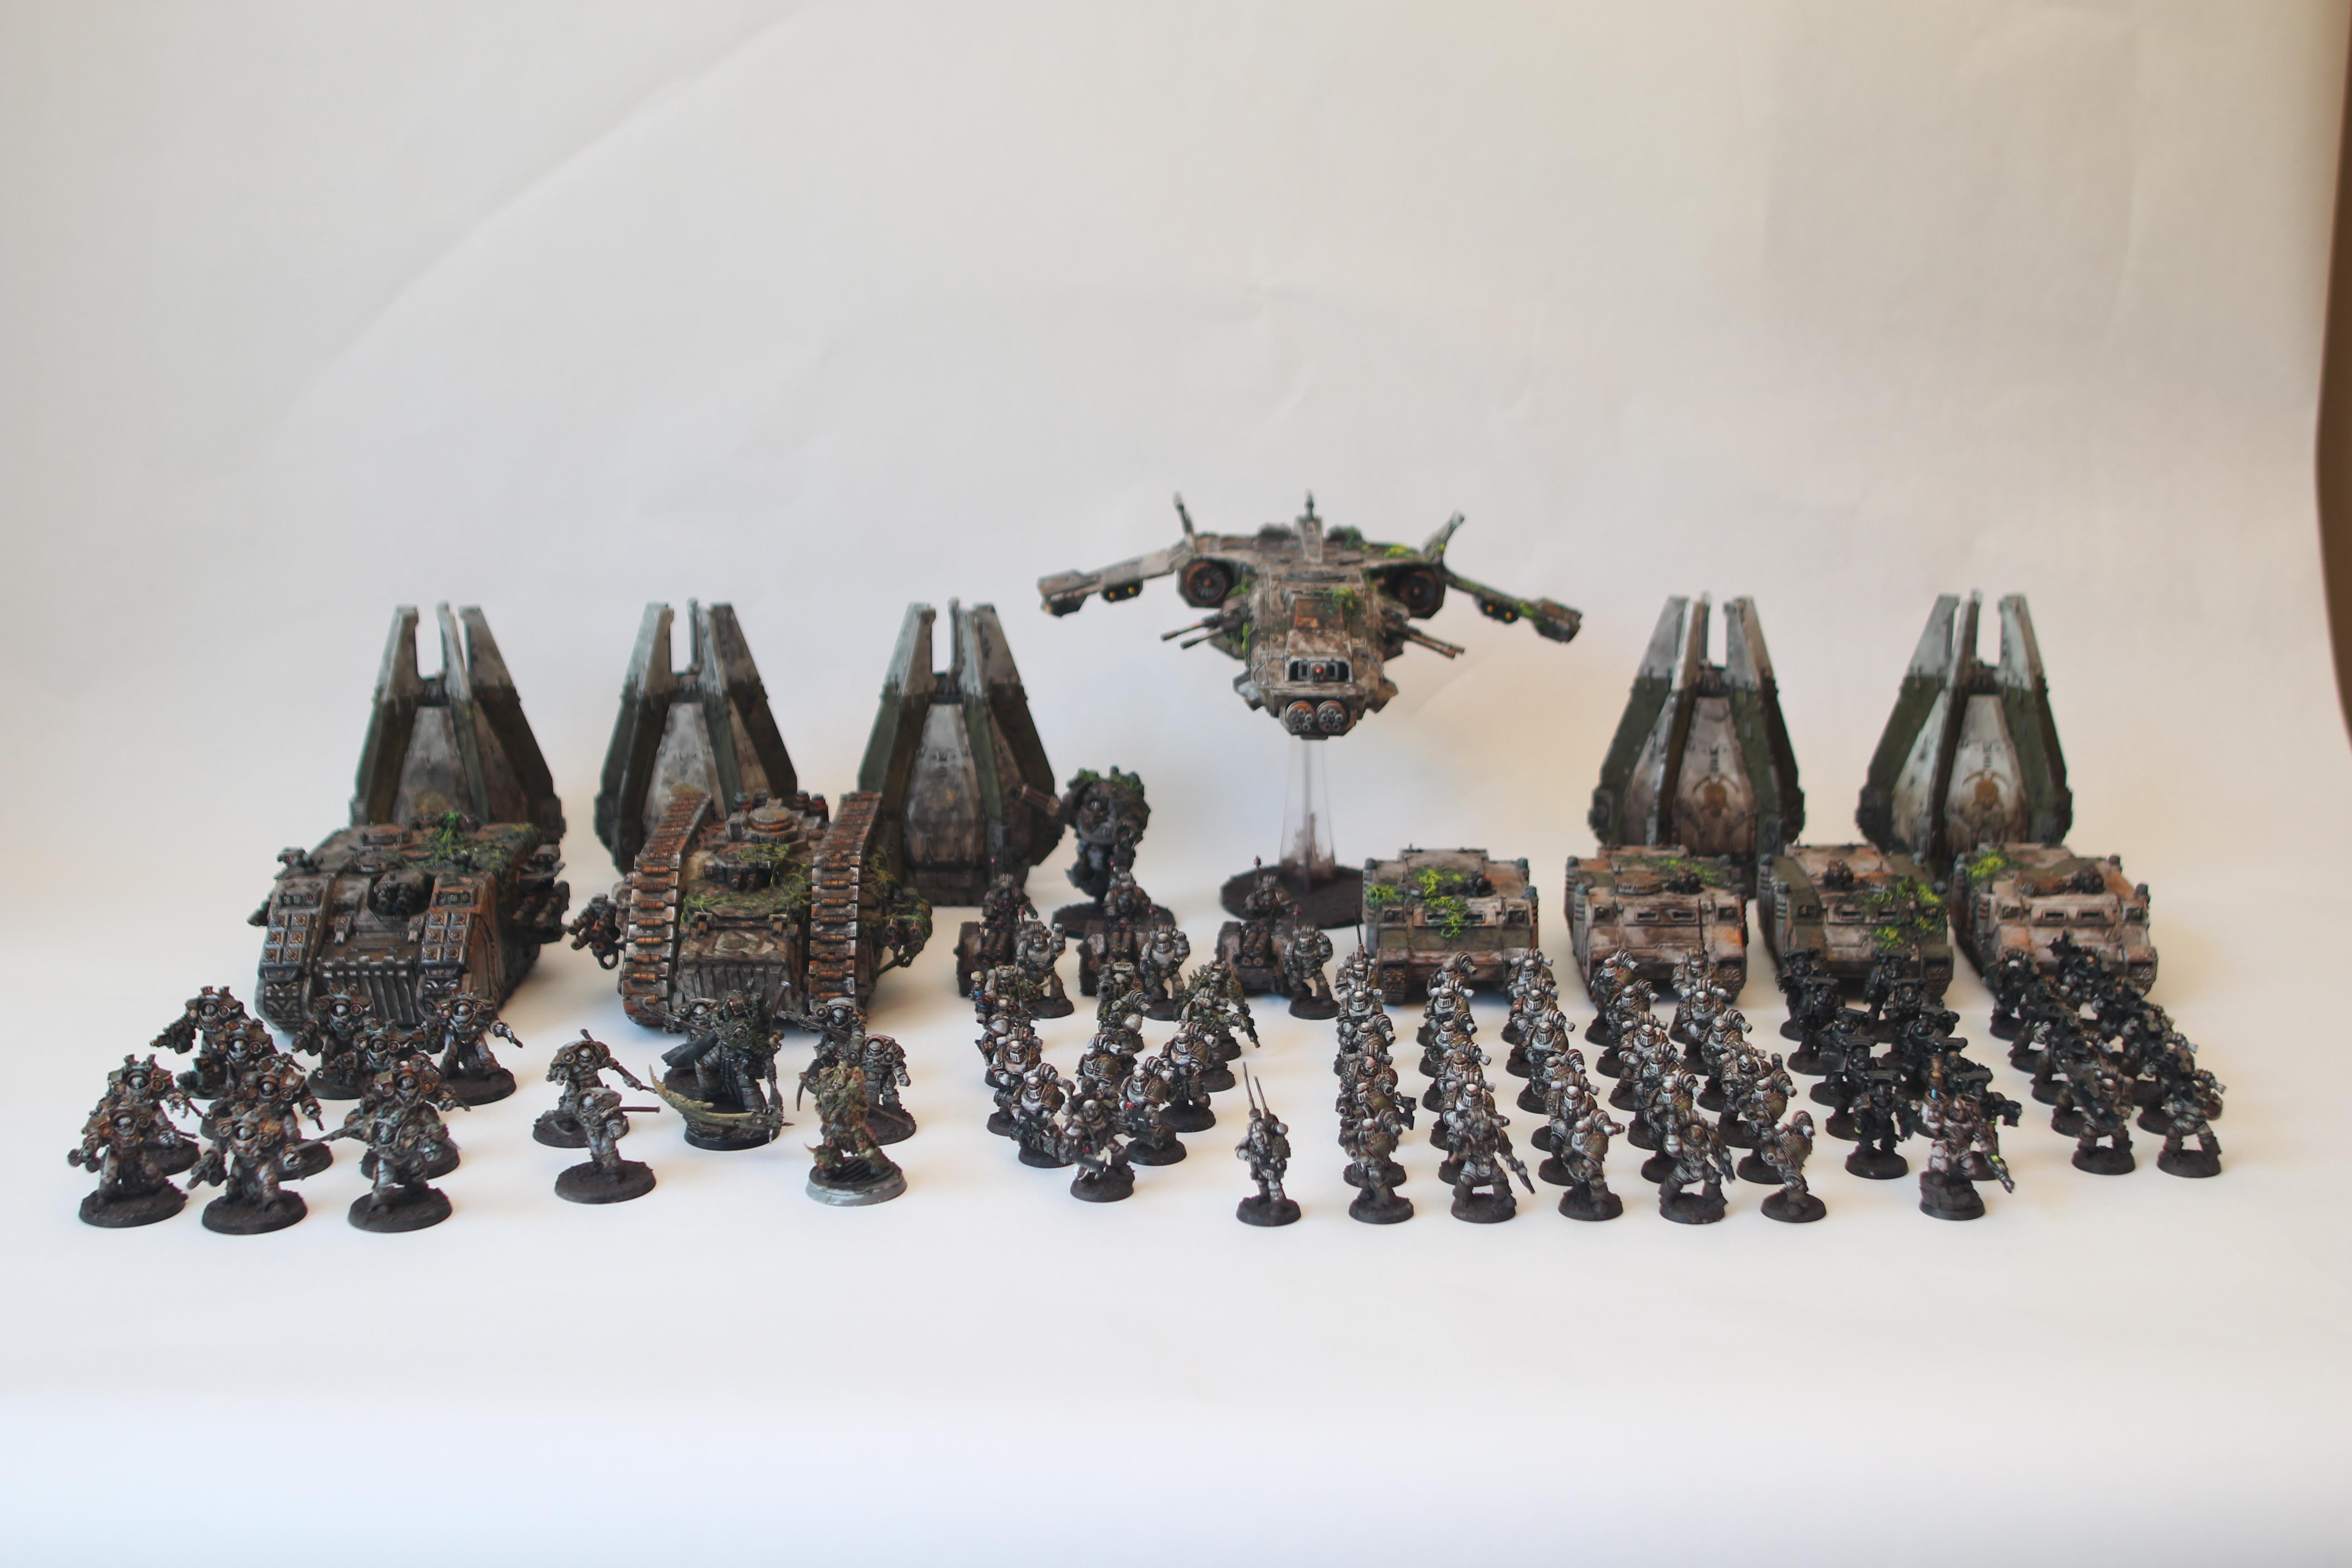 14th Legion, 30k, Death Guard, Forge World, Horus Heresy, Nurgle, Warhammer Fantasy